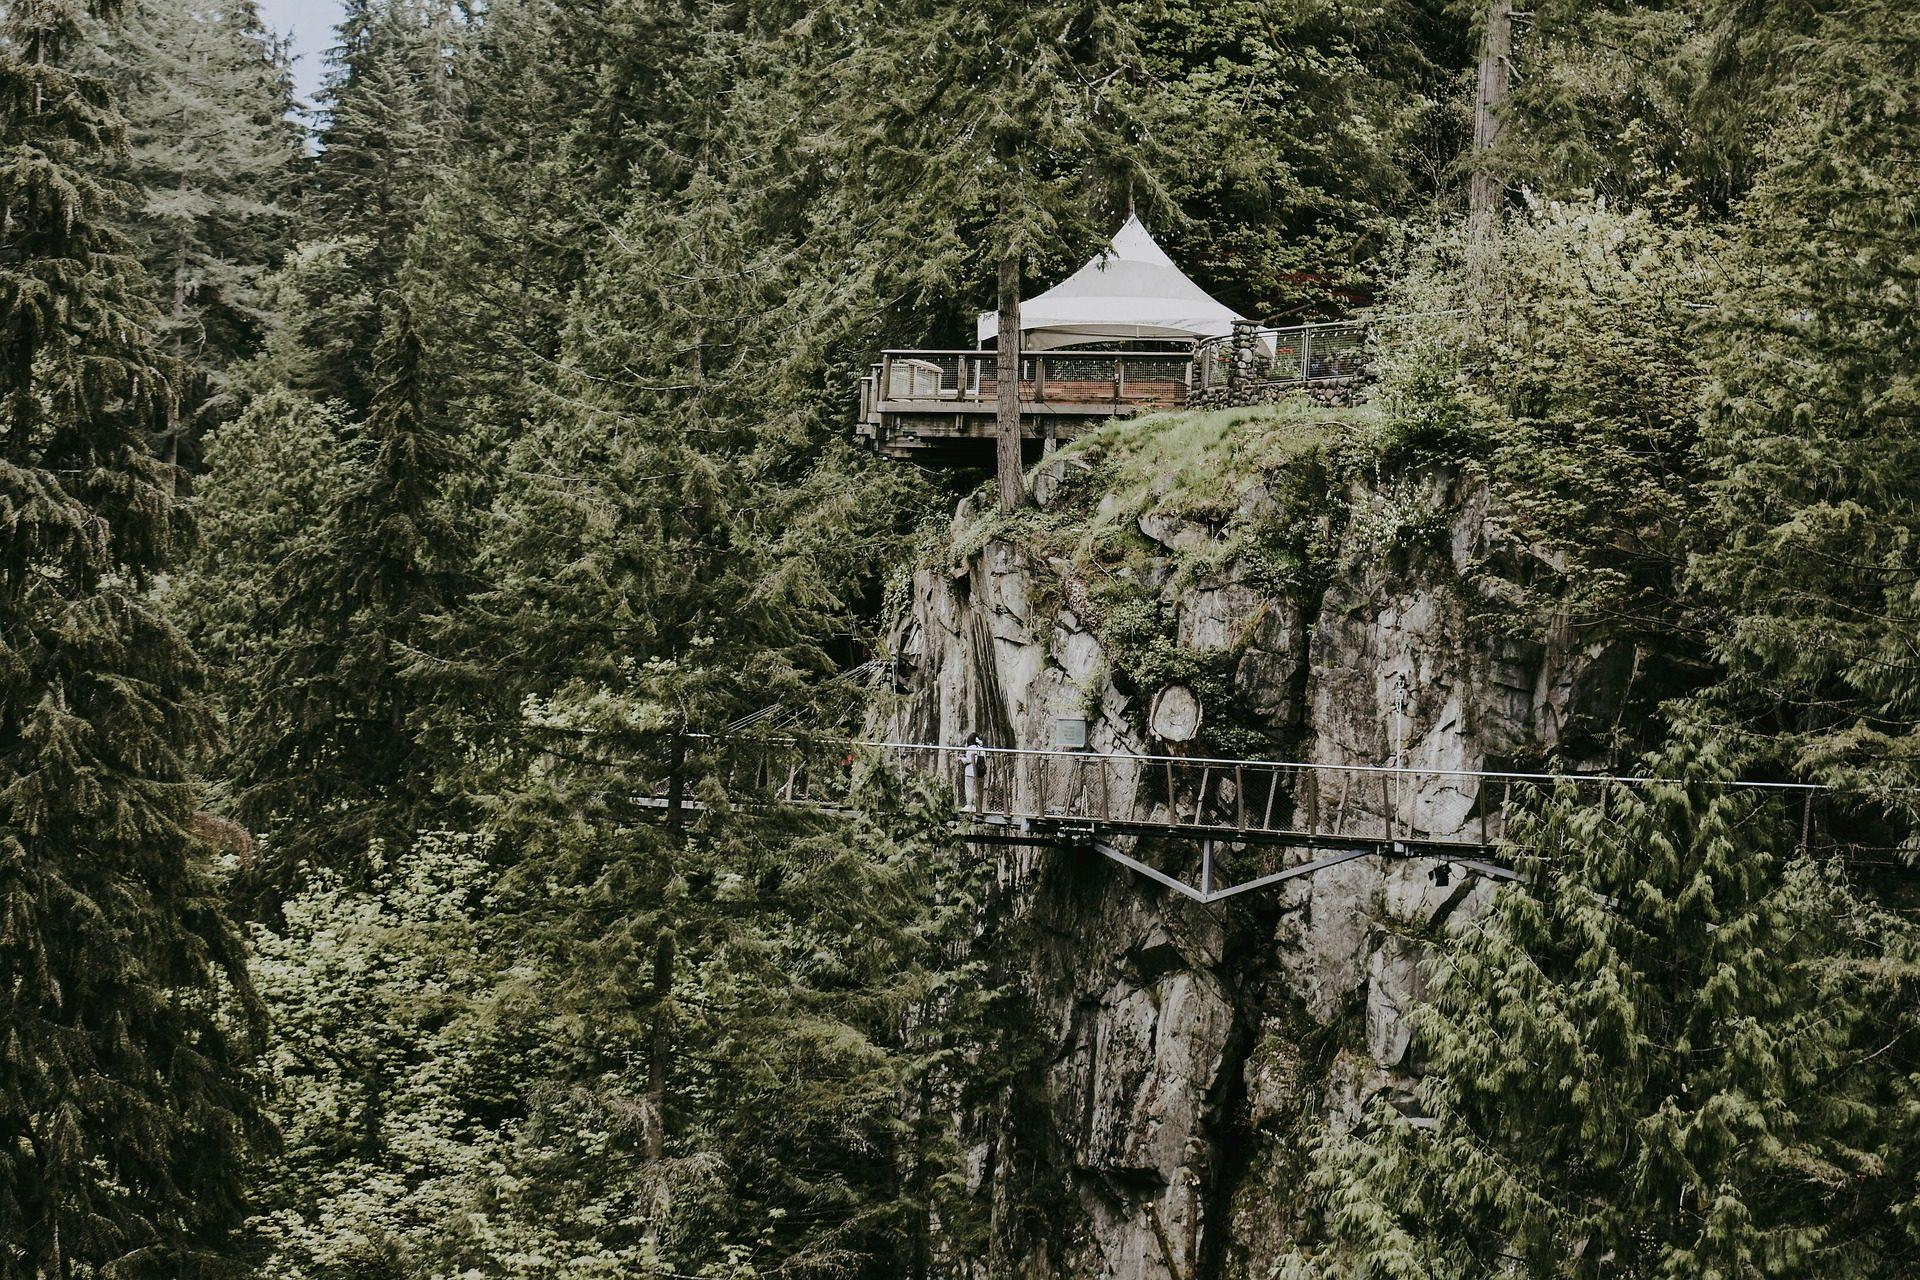 bosque, árboles, mirador, pasaje, puente, alturas - Fondos de Pantalla HD - professor-falken.com